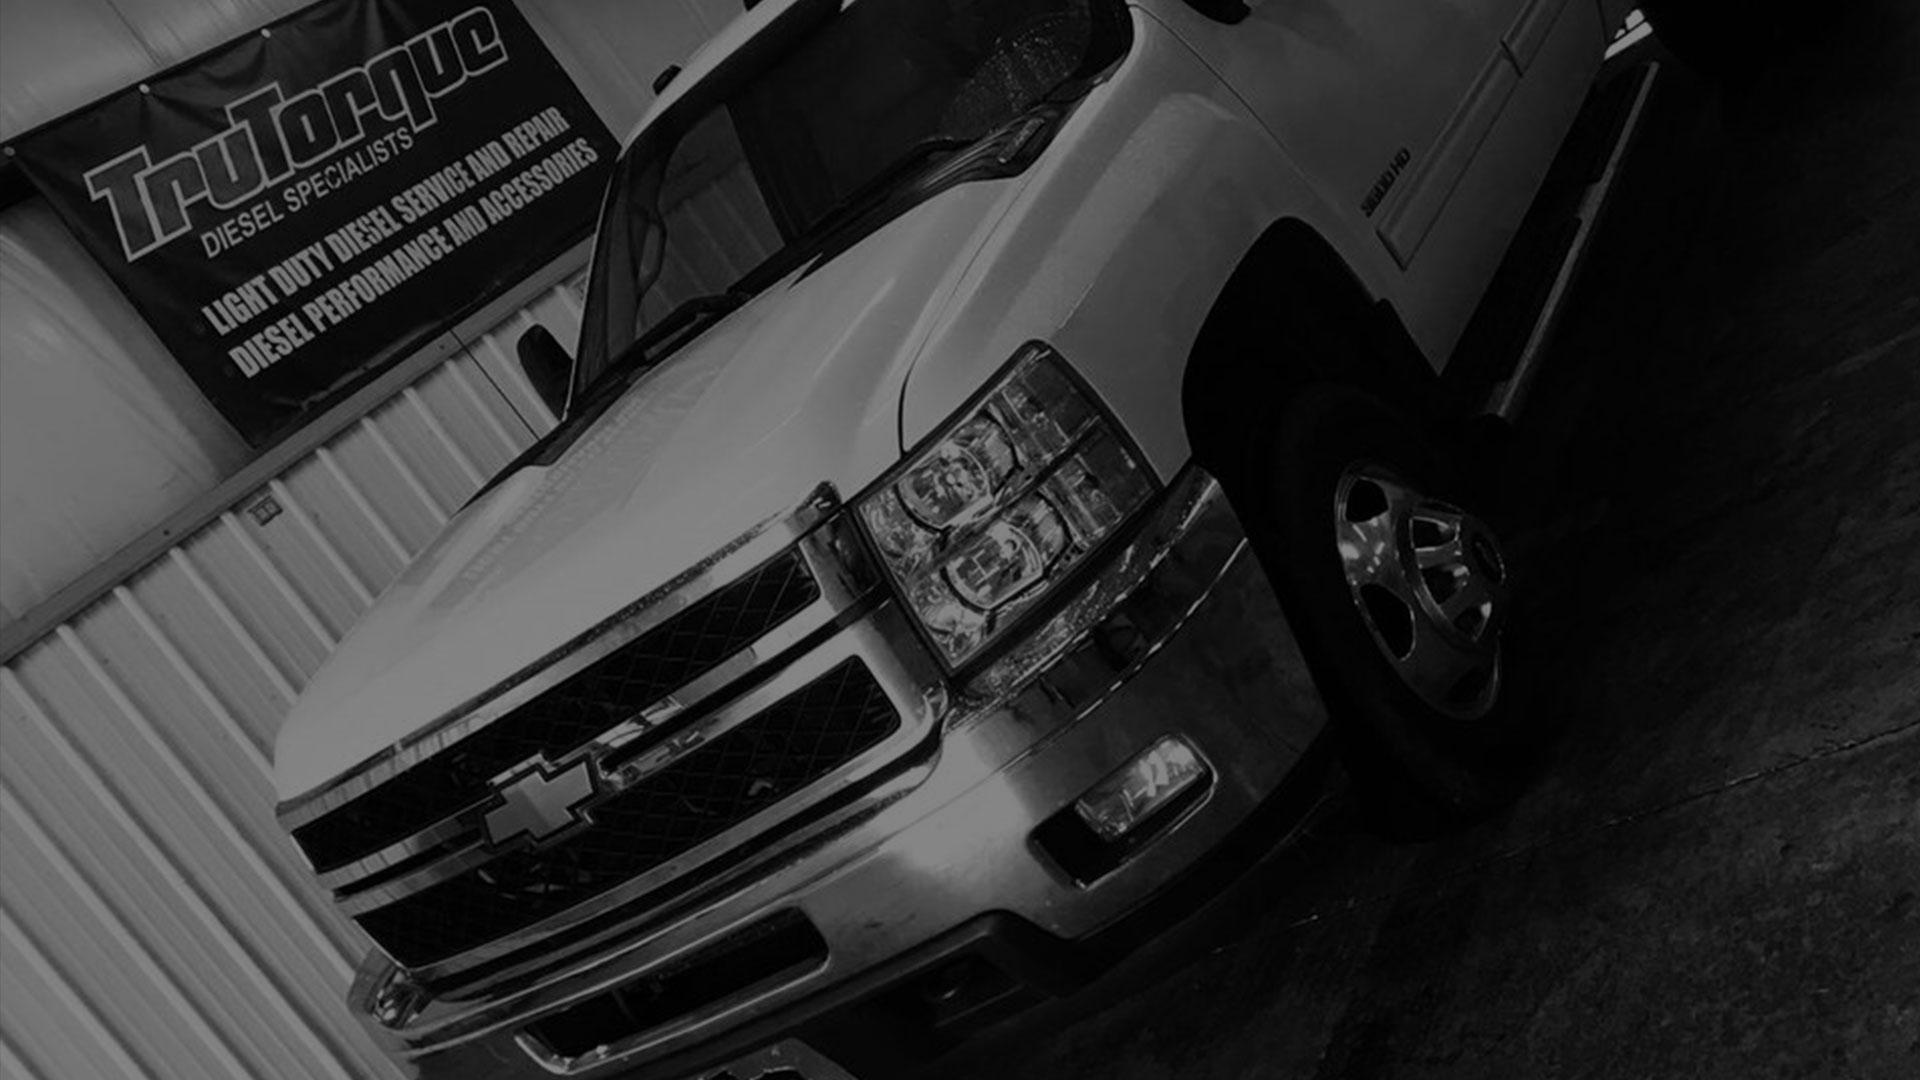 Harvest Diesel Truck Repair, Diesel Mechanic and Diesel Engine Repair